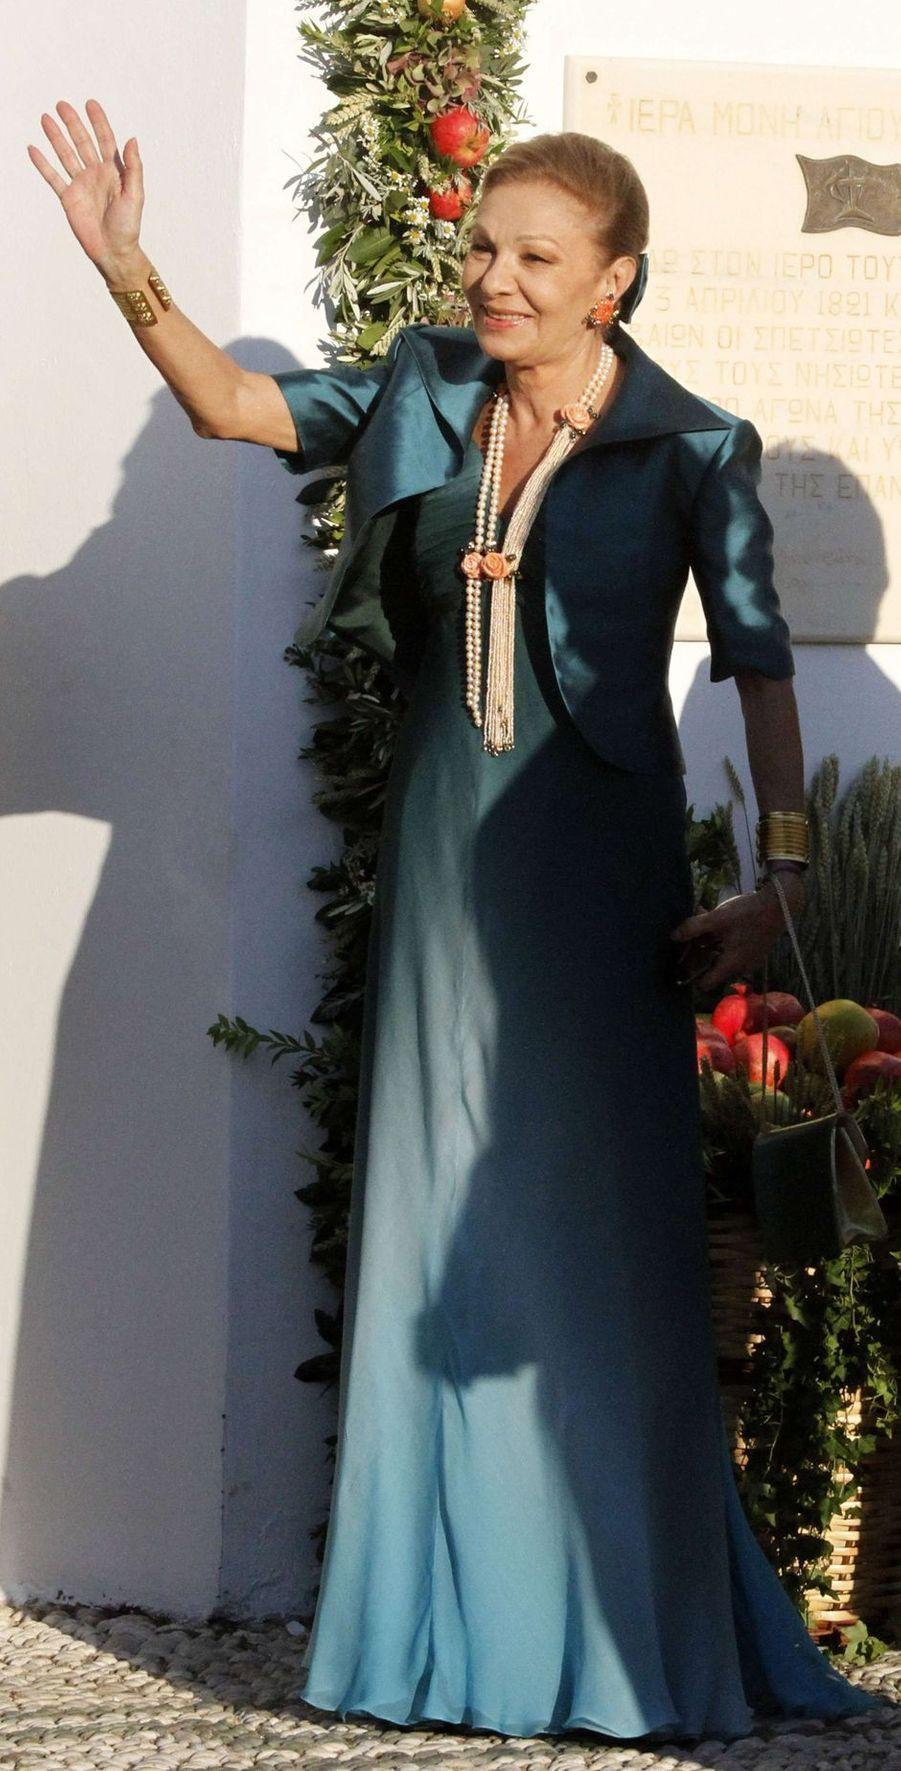 L'ancienne reine d'Iran Farah Diba sur l'île de Spetses, le 25 août 2010